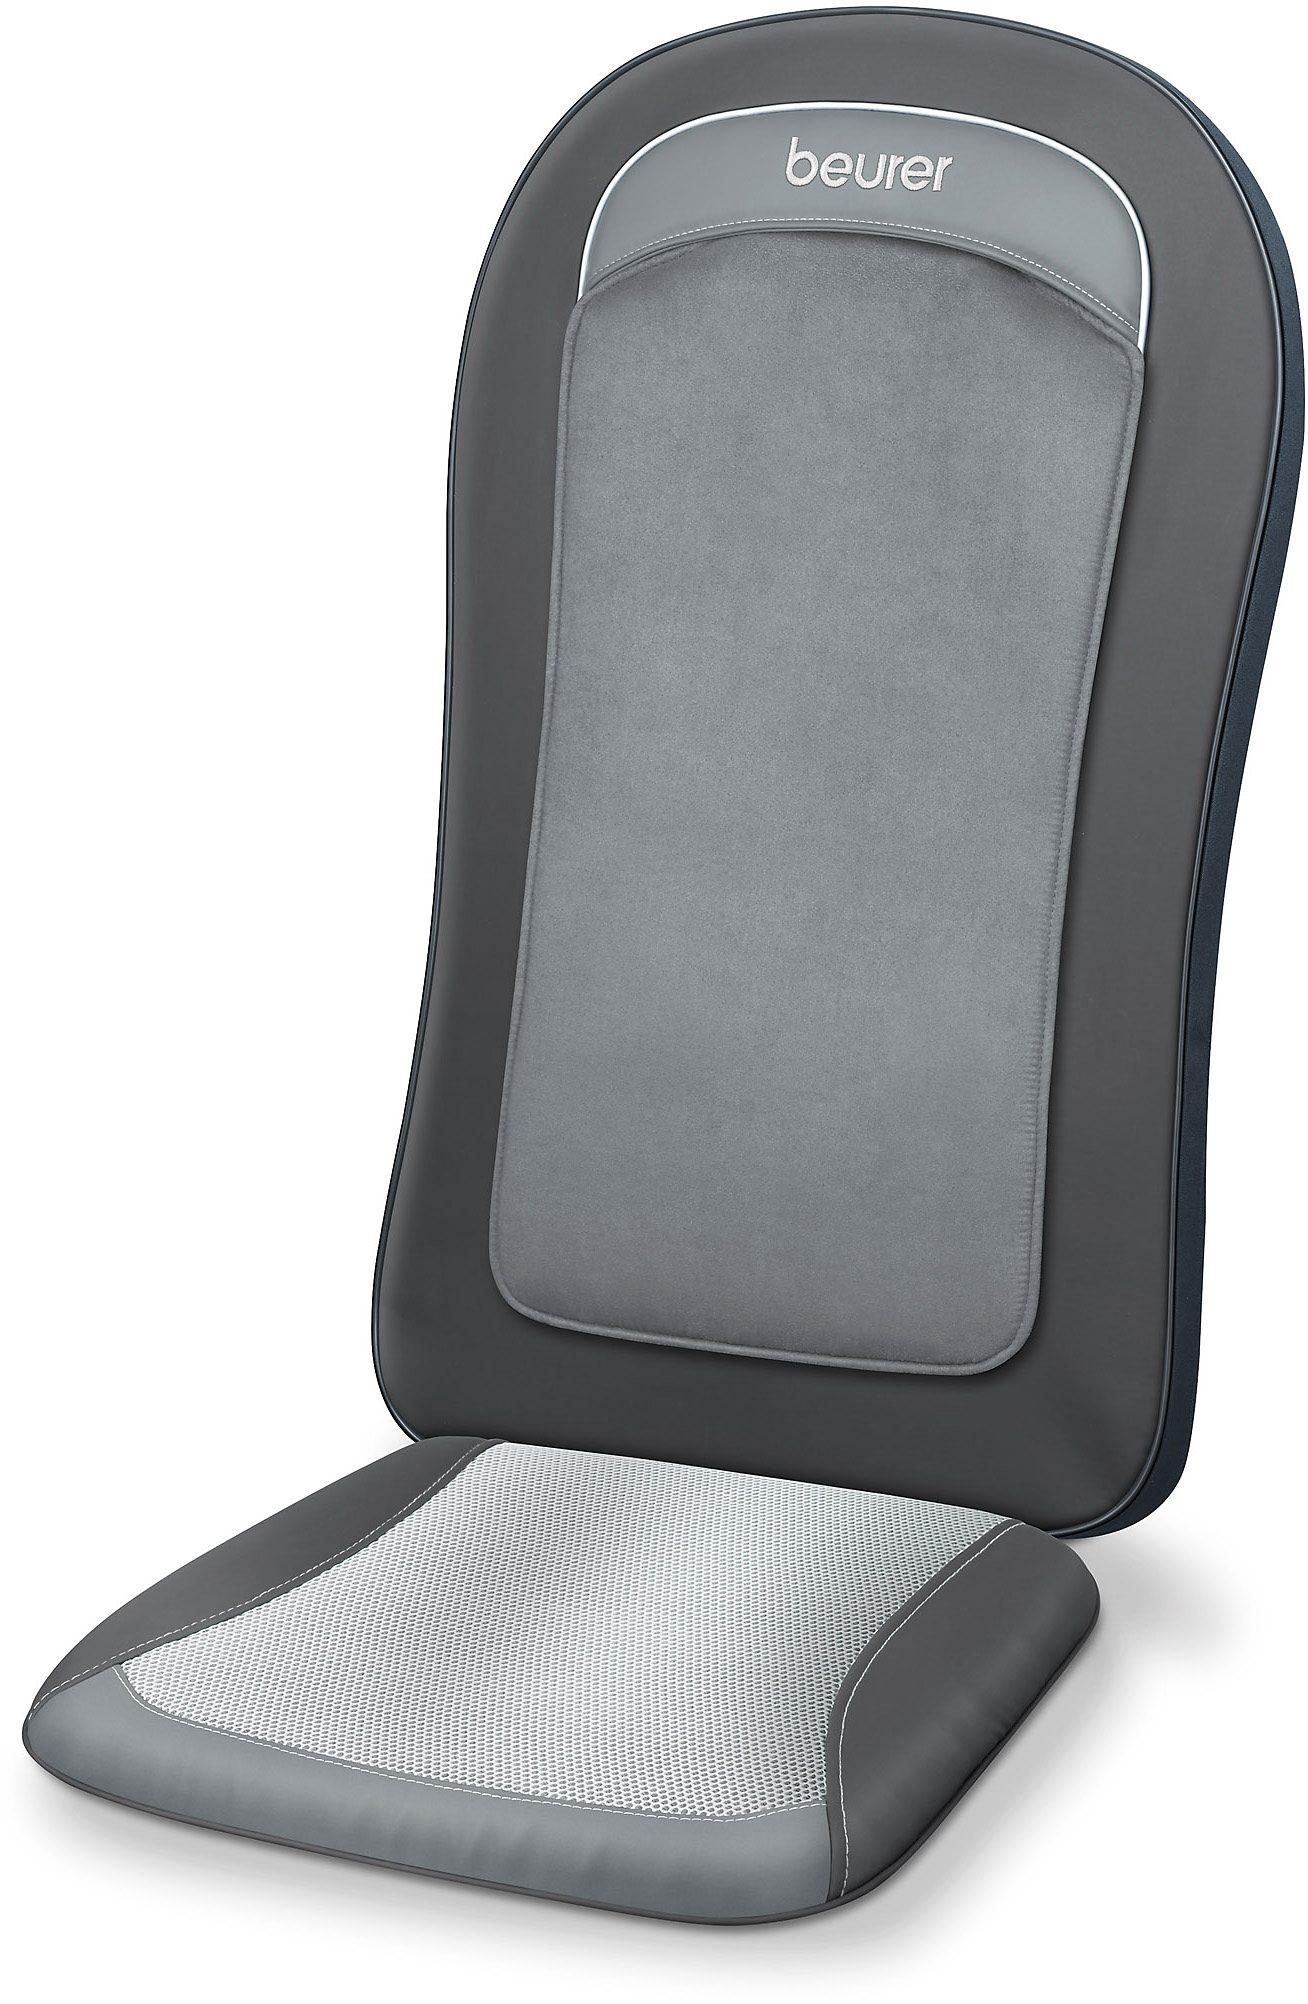 Beurer Shiatsu-Sitzauflage MG 206